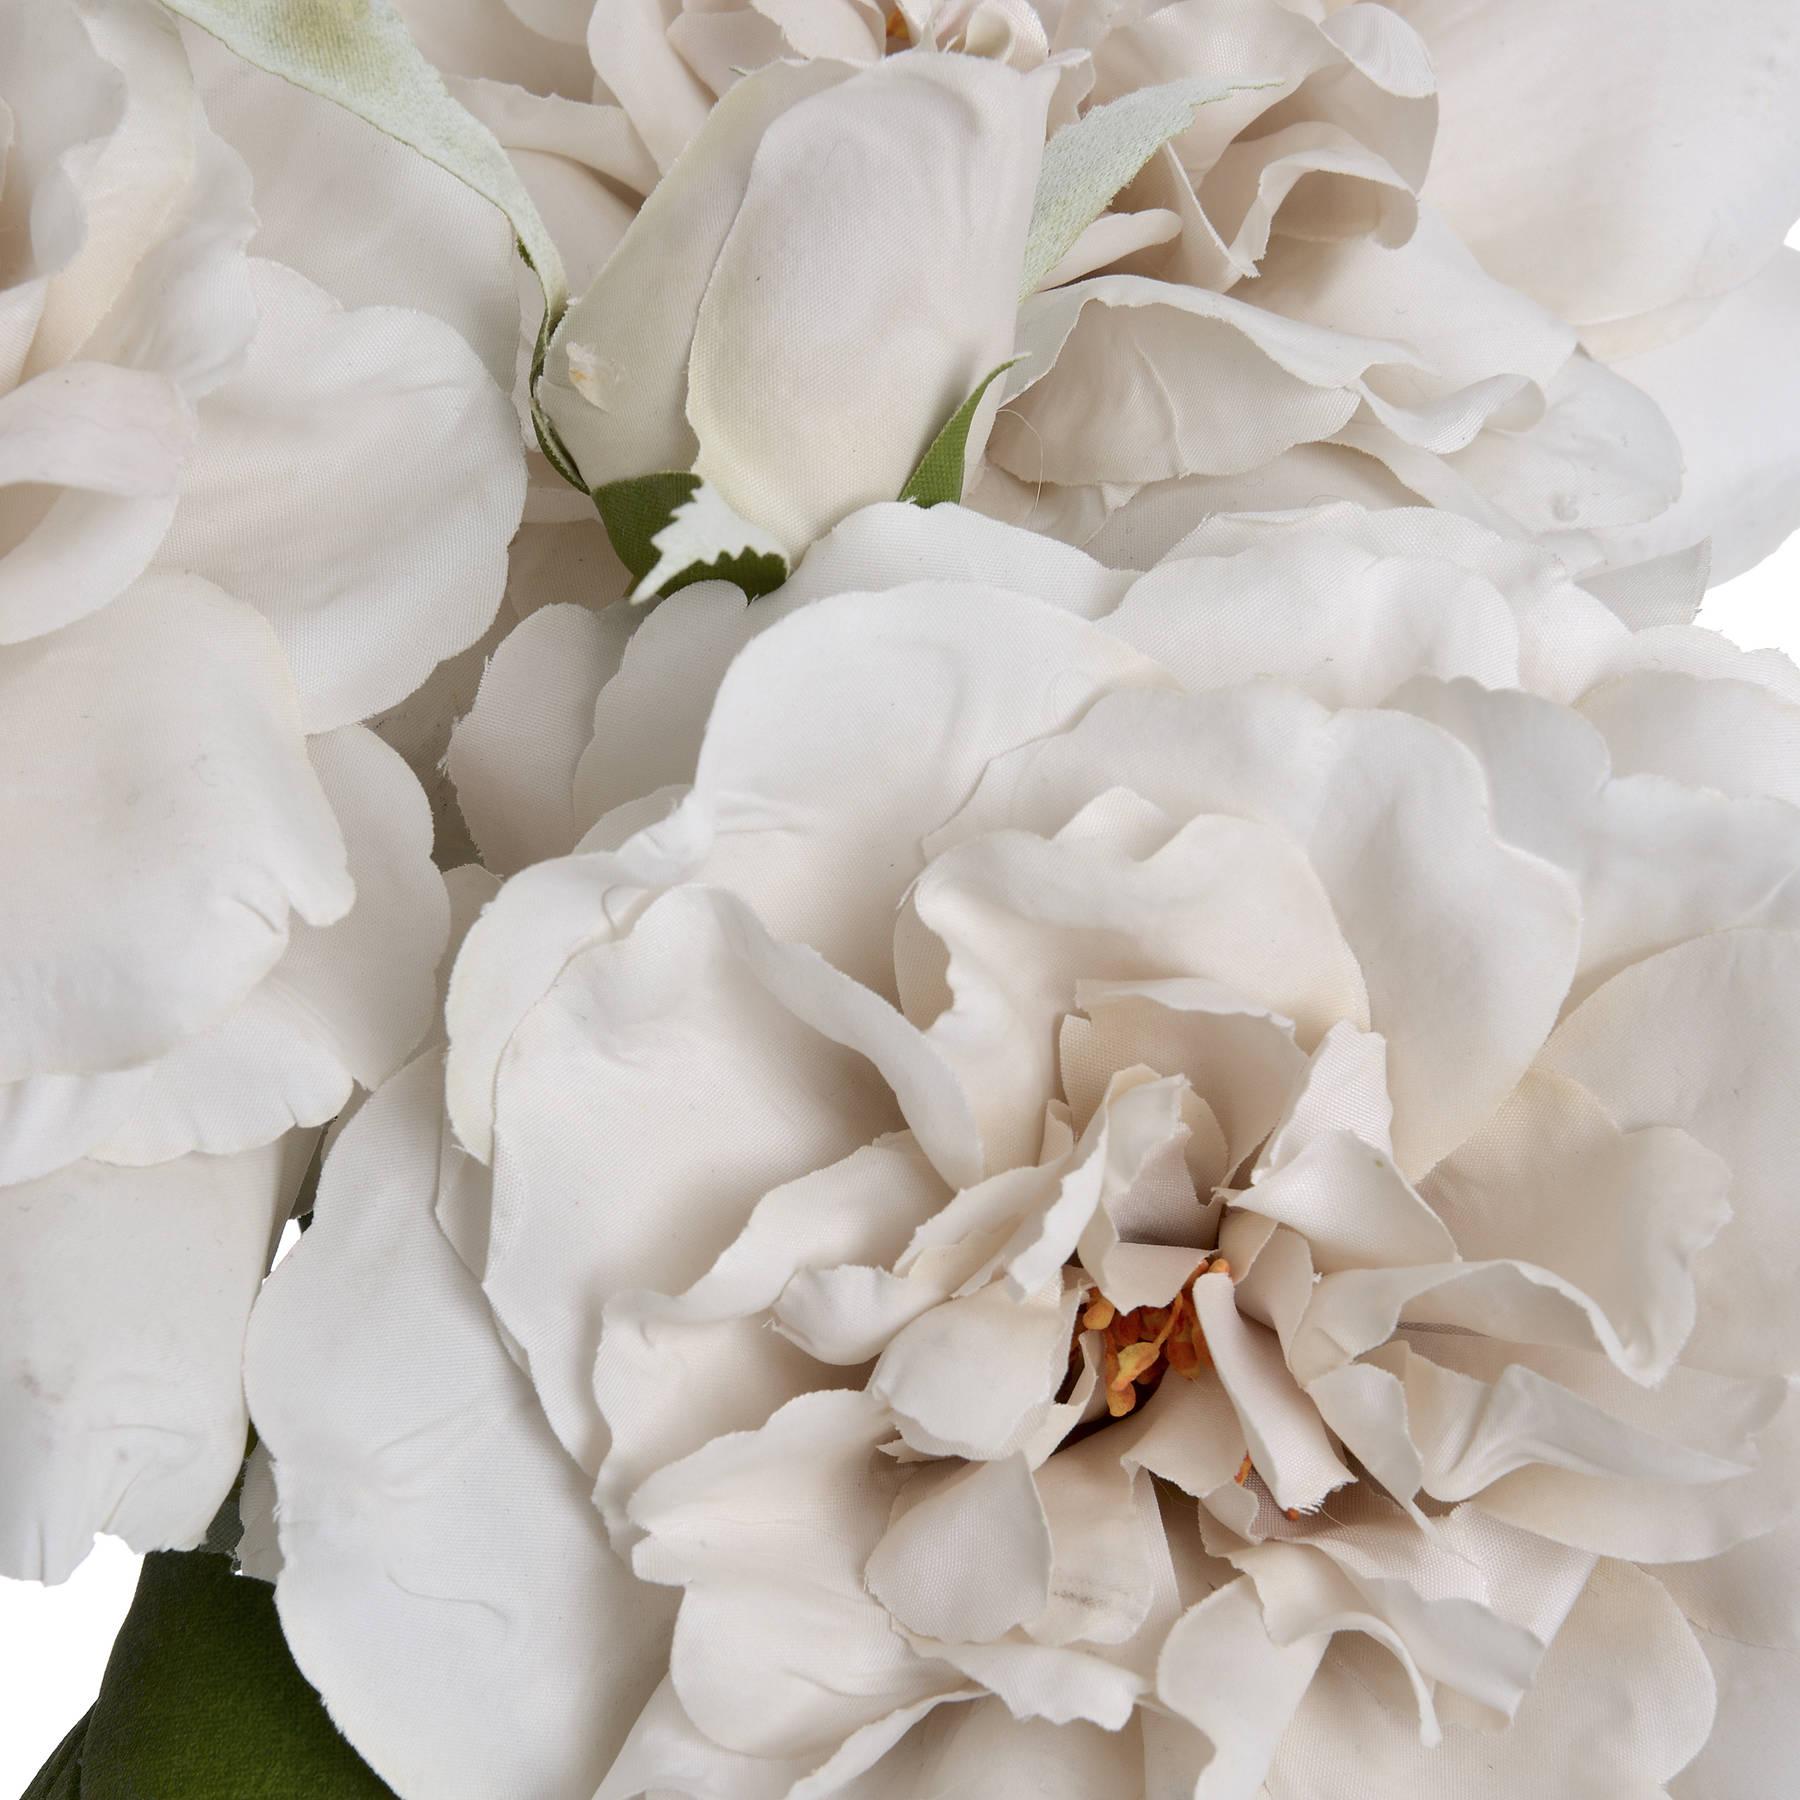 White Short Stem Rose - Image 5